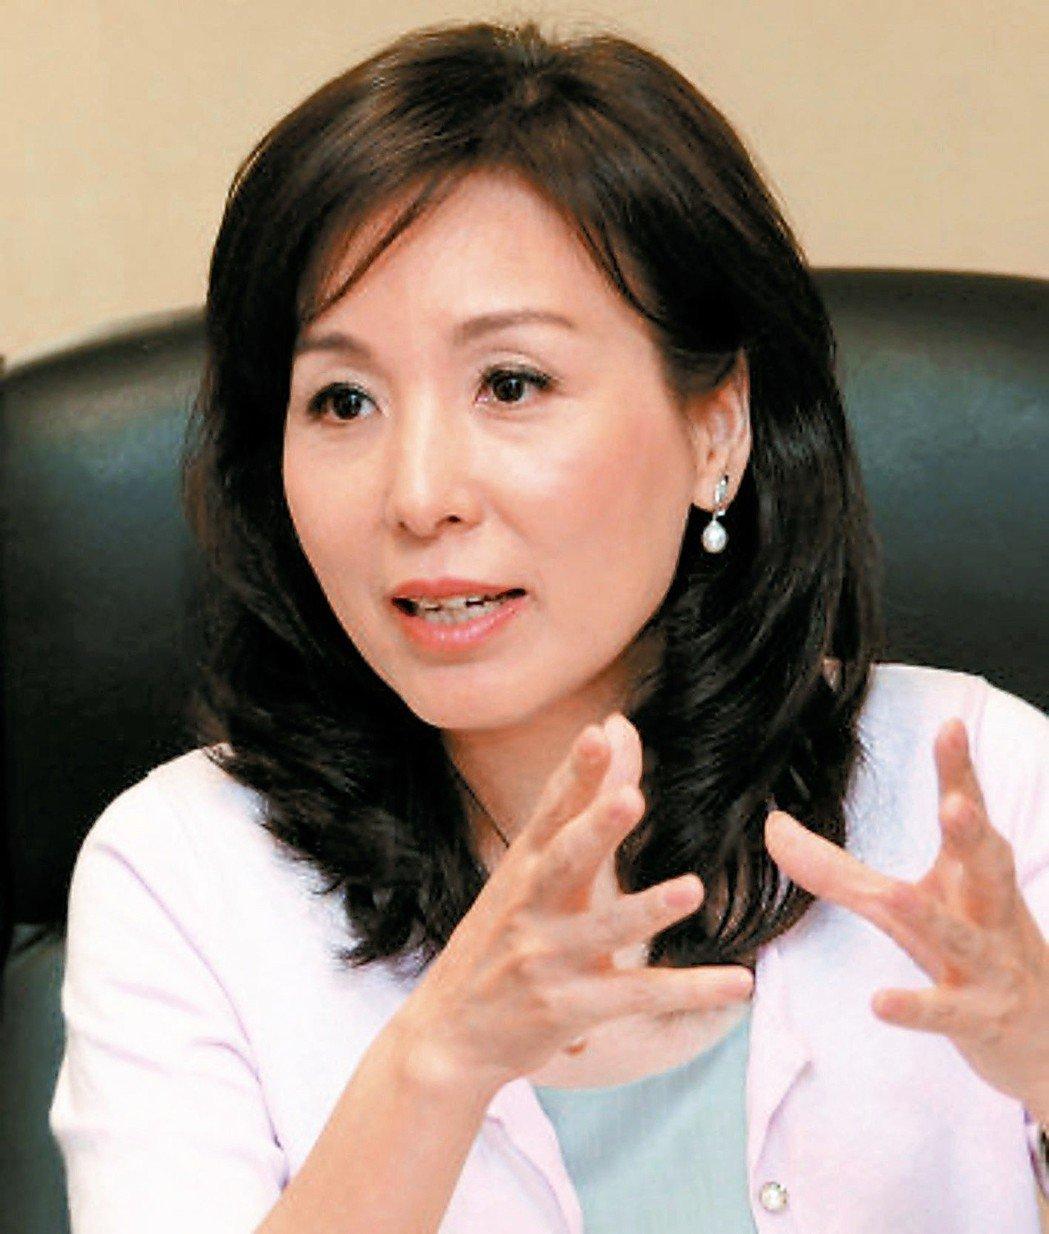 新光金控副董事長李紀珠今天晚間宣布個人臉書粉絲專頁重新開張。聯合報系資料照